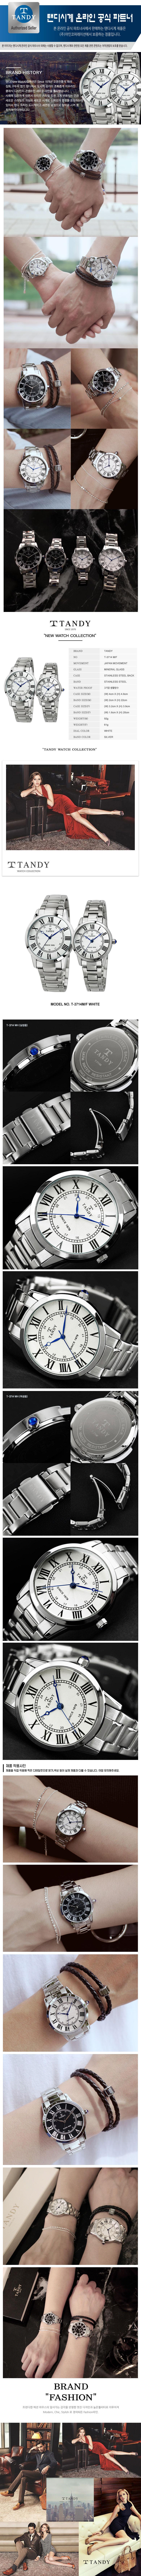 탠디(TANDY) 클래식 커플 메탈 손목시계 T-3714 화이트 남여세트